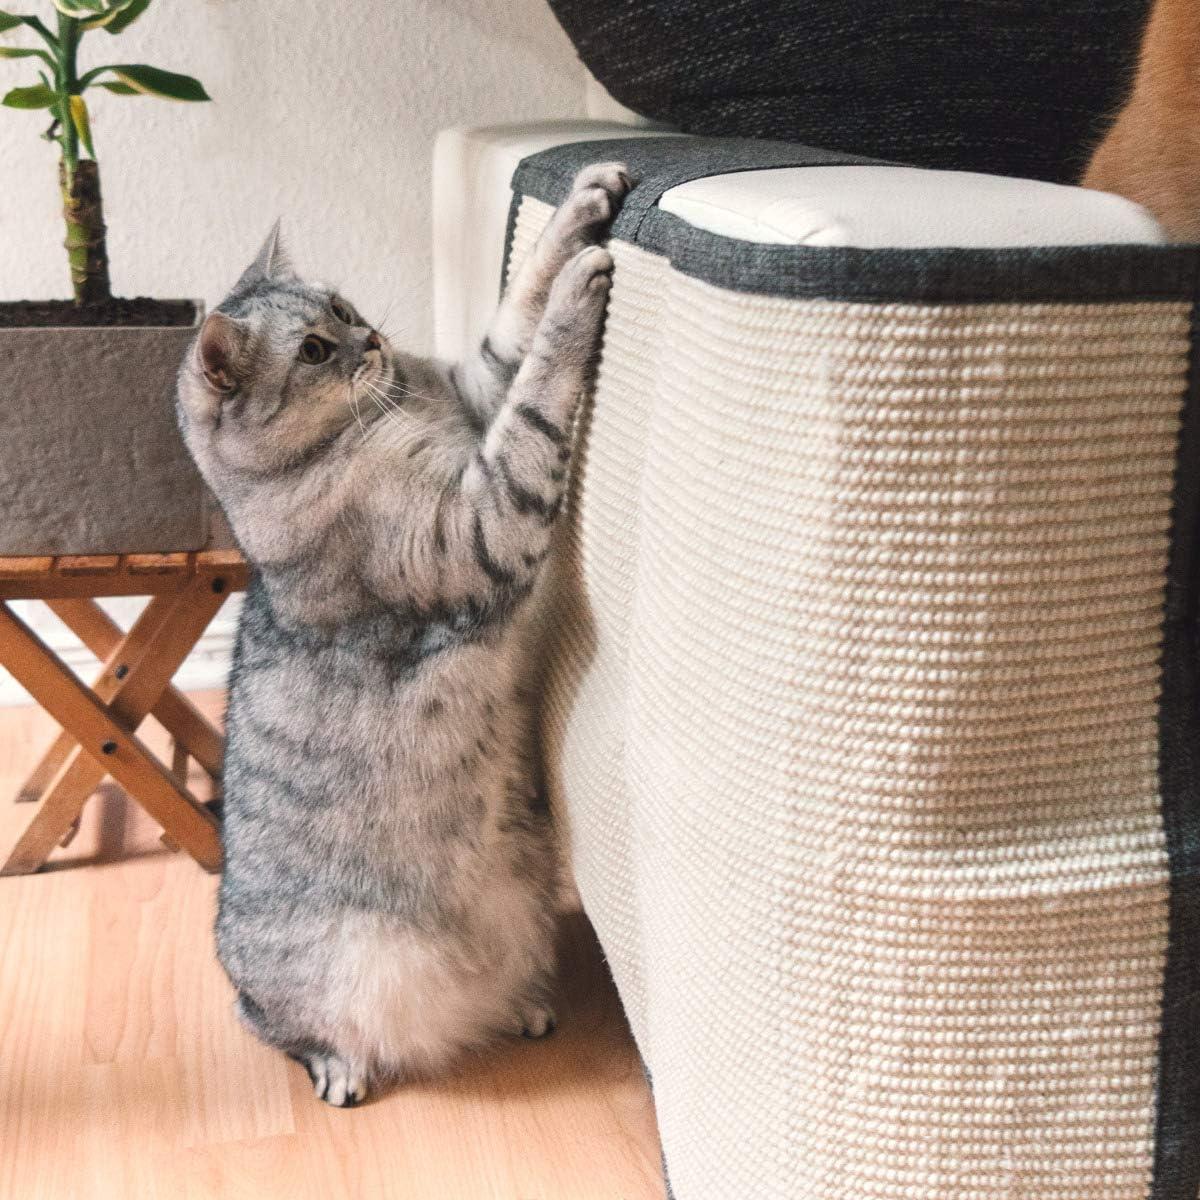 - Protector para Esquina de sofá o sillón - Afilador de uñas de sisal para Mascotas - para el Lado Derecho...